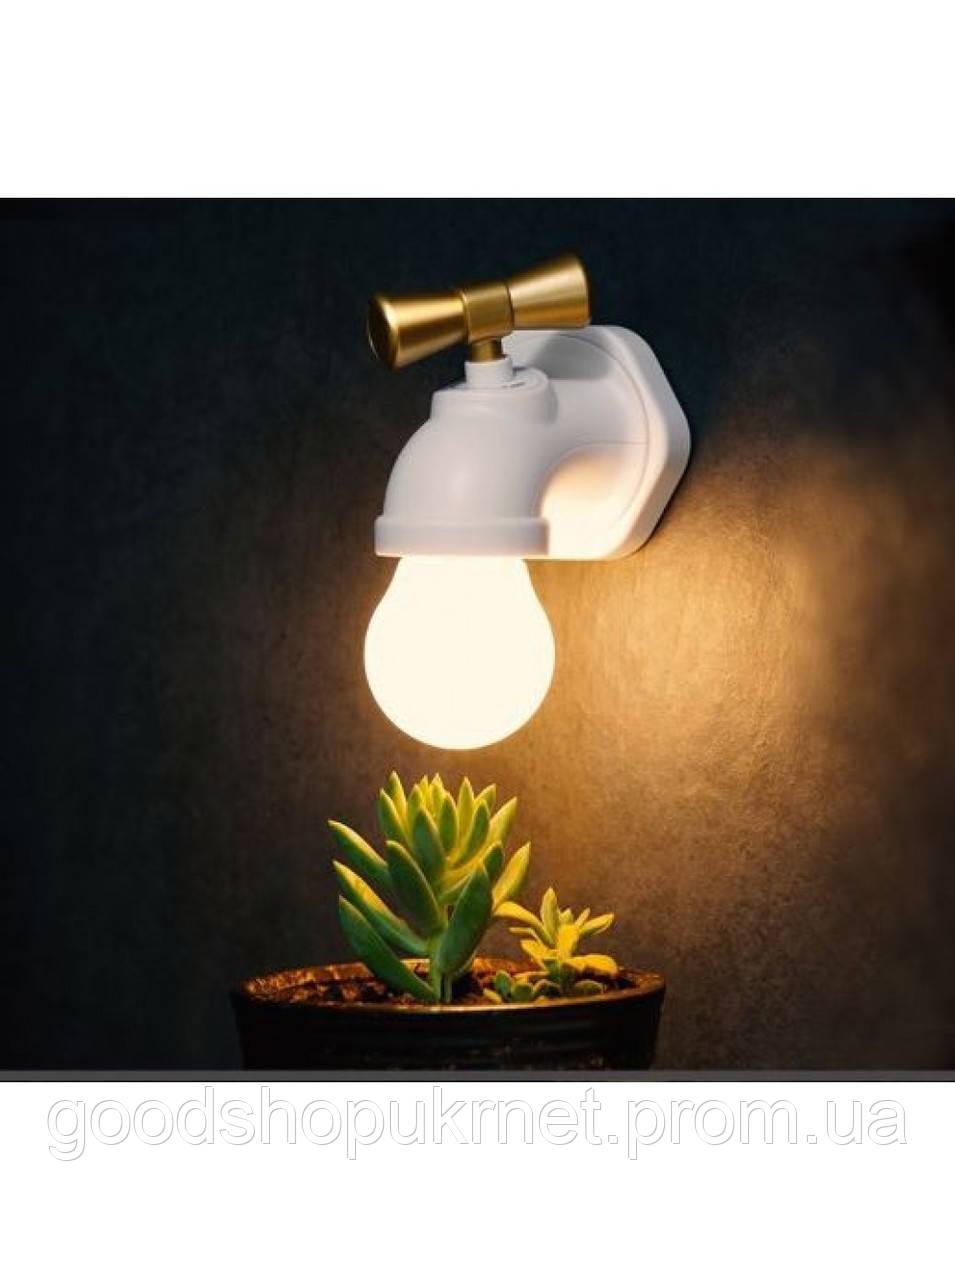 Настенный светильник Кран, фото 1